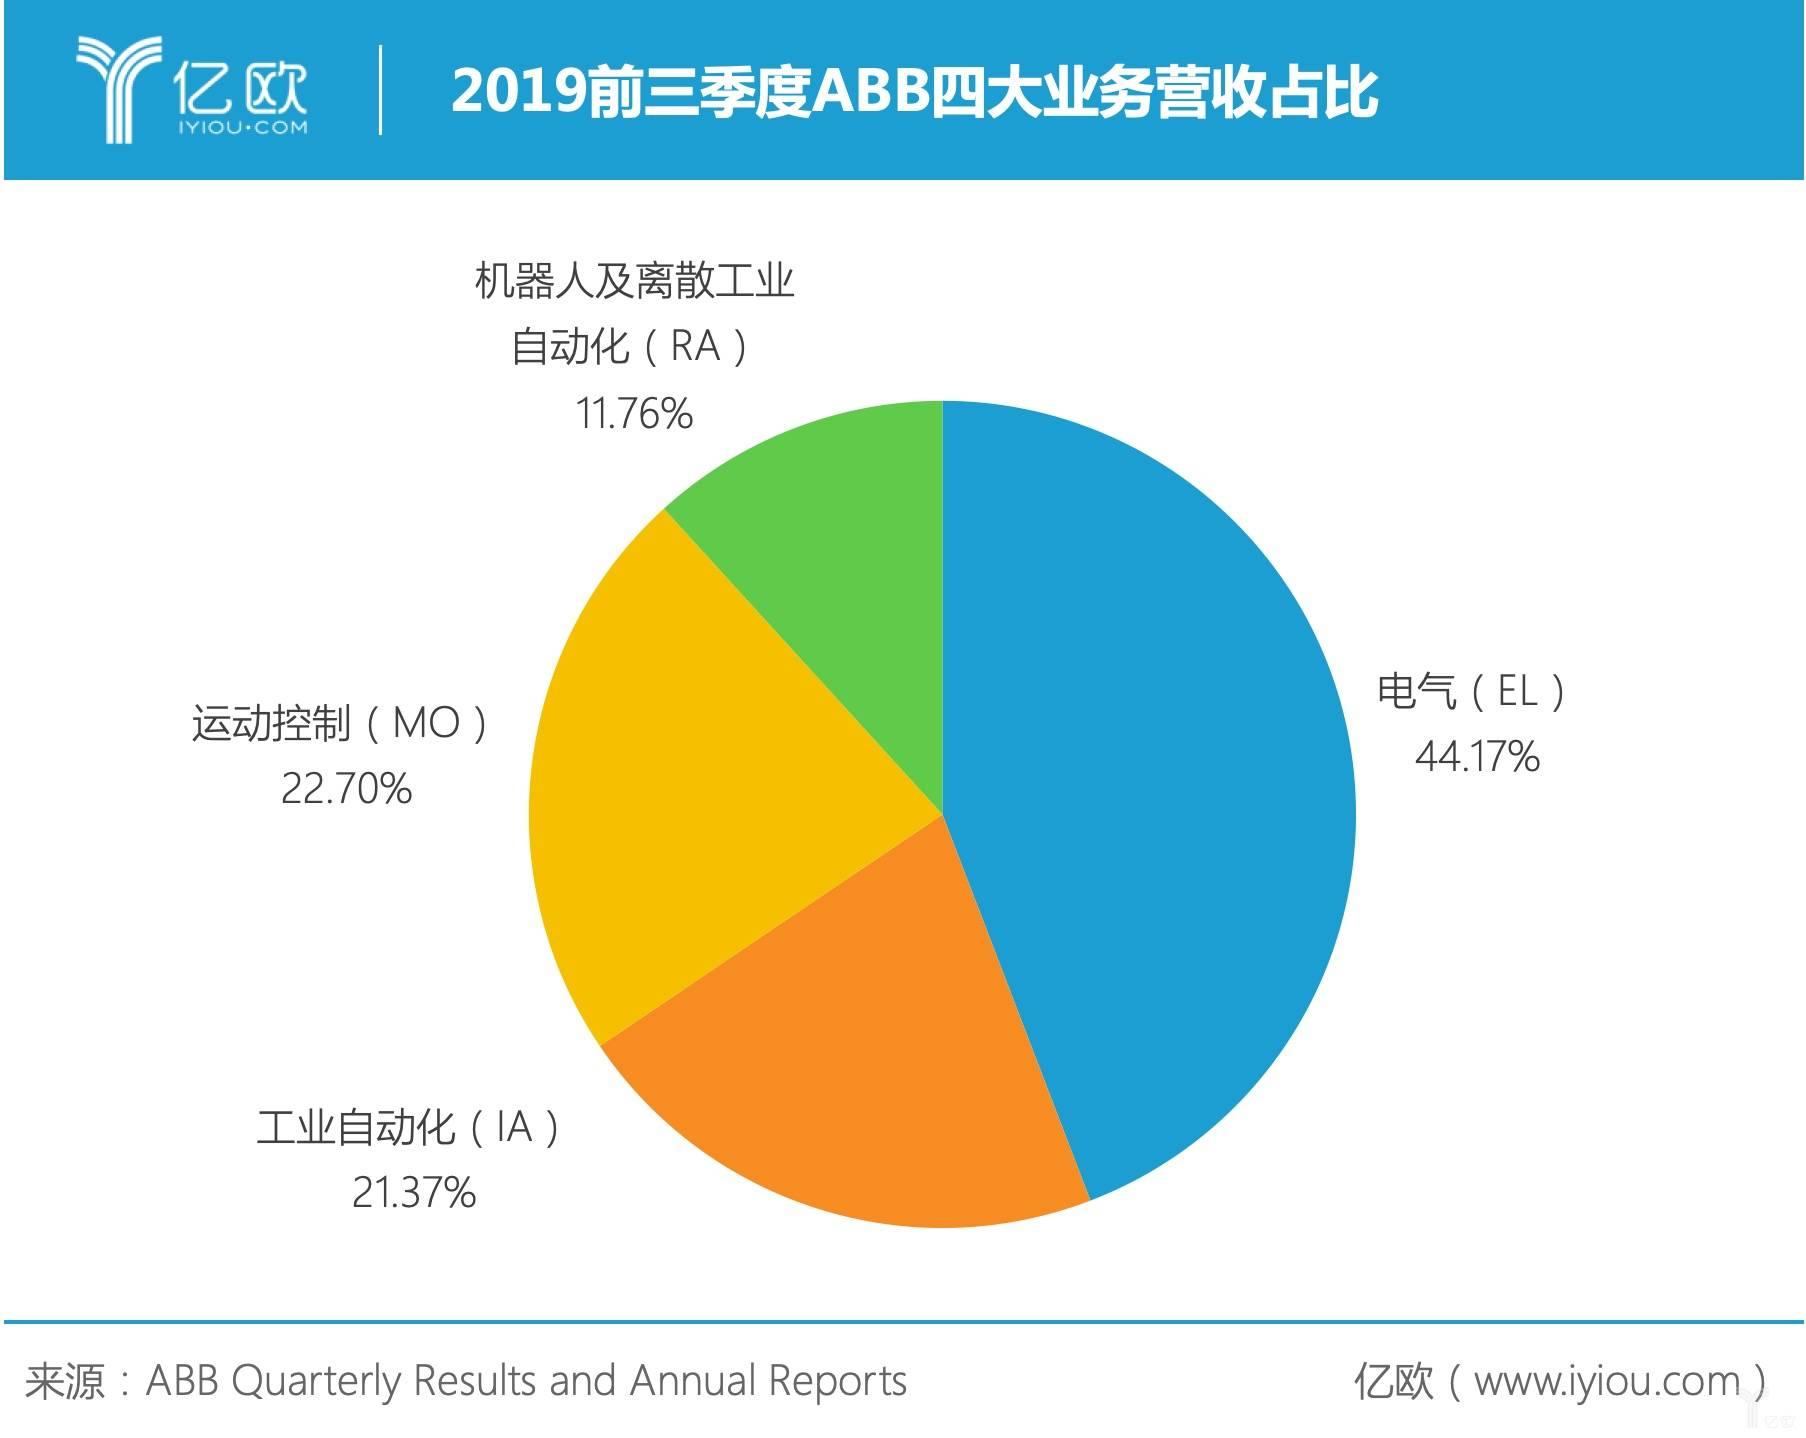 2019前三季度ABB四大业务营收占比